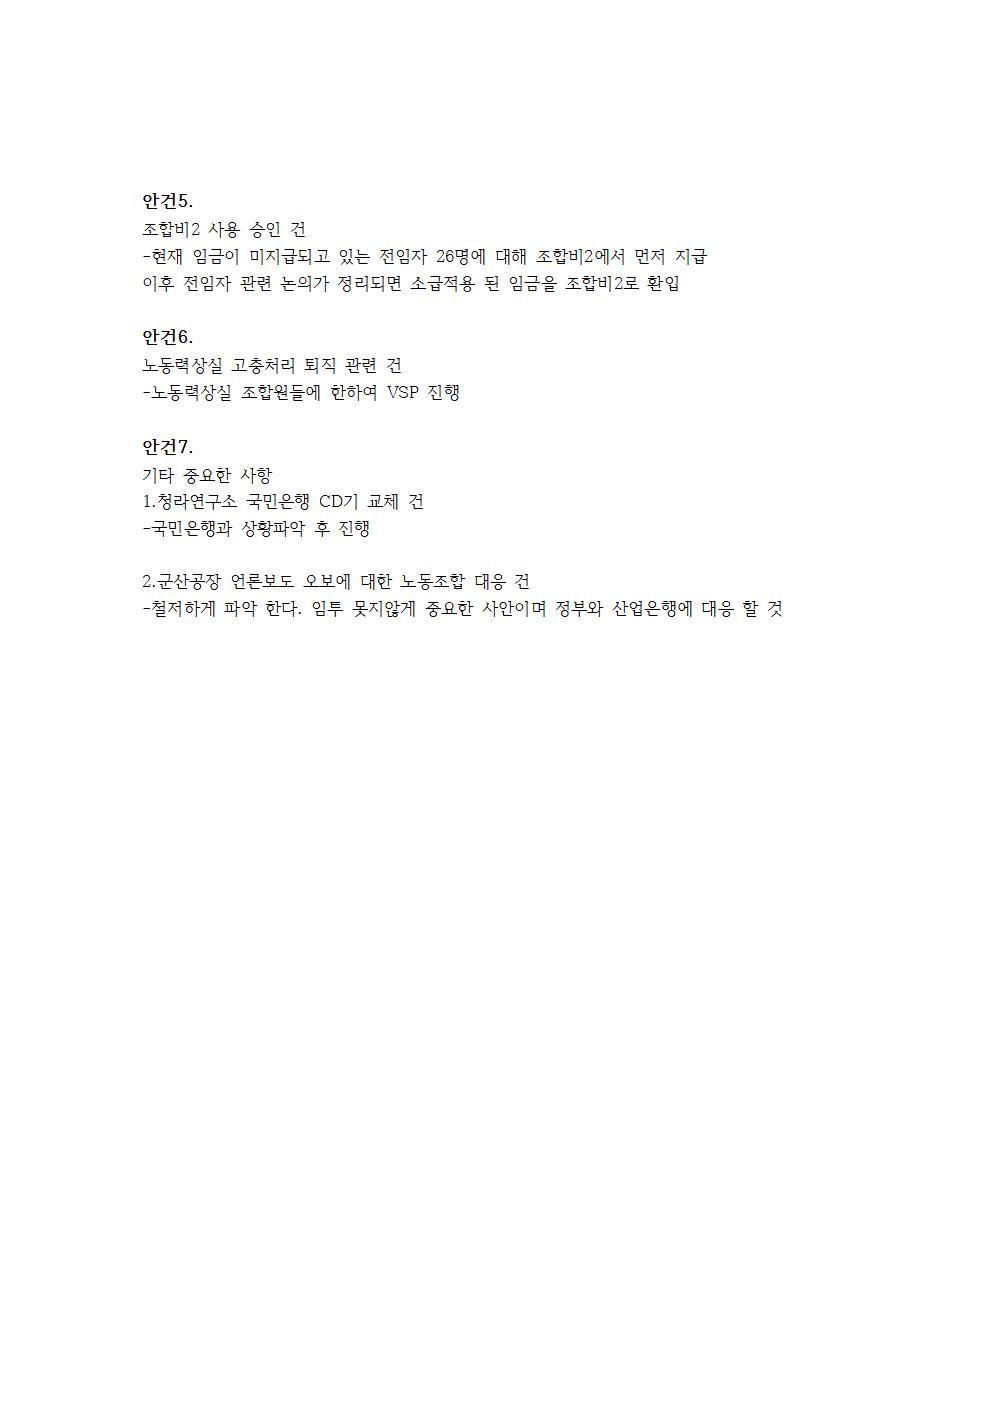 80차 임시대의원대회 결과002.jpg